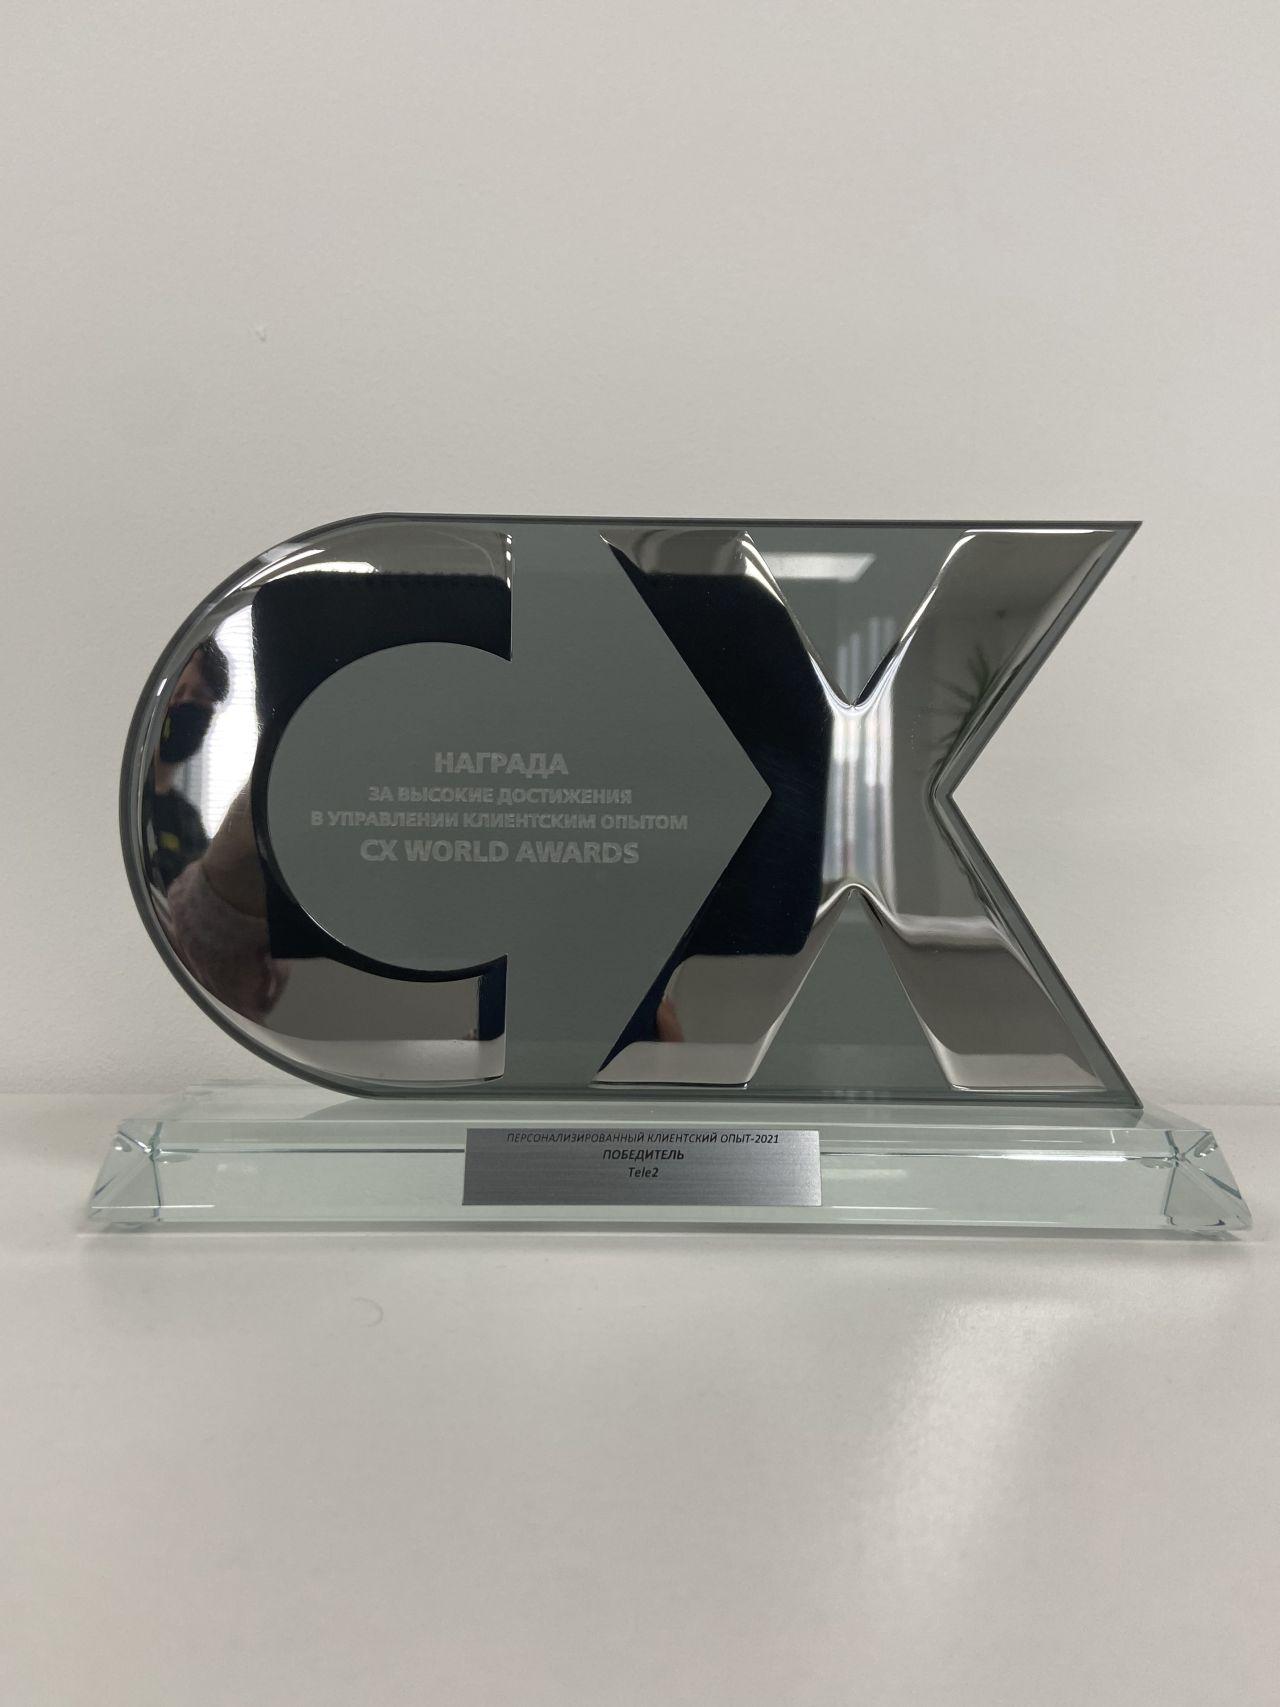 Tele2 подтвердила лидерство в индустрии клиентского опыта, победив в престижных конкурсах